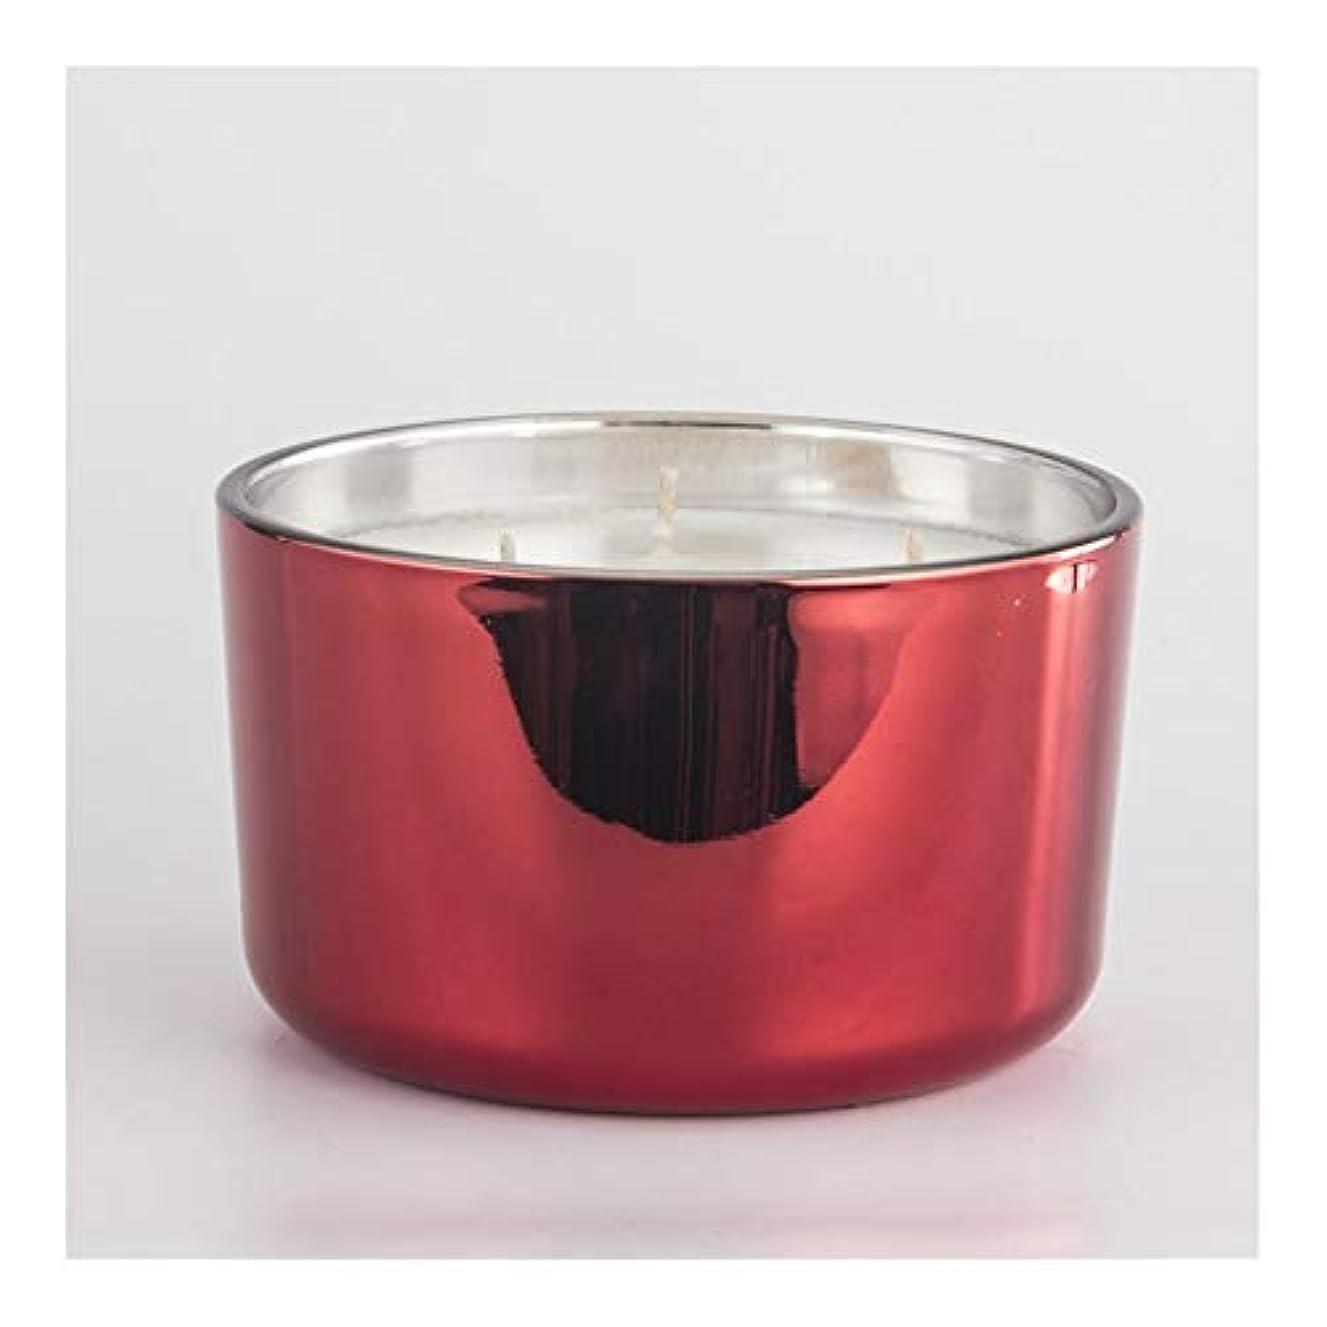 赤面航空会社光沢のあるACAO キャンドルカップ香料入りキャンドル鉢植えワックスカップキャンドルカップ電着赤3芯カップガラスカップワックス